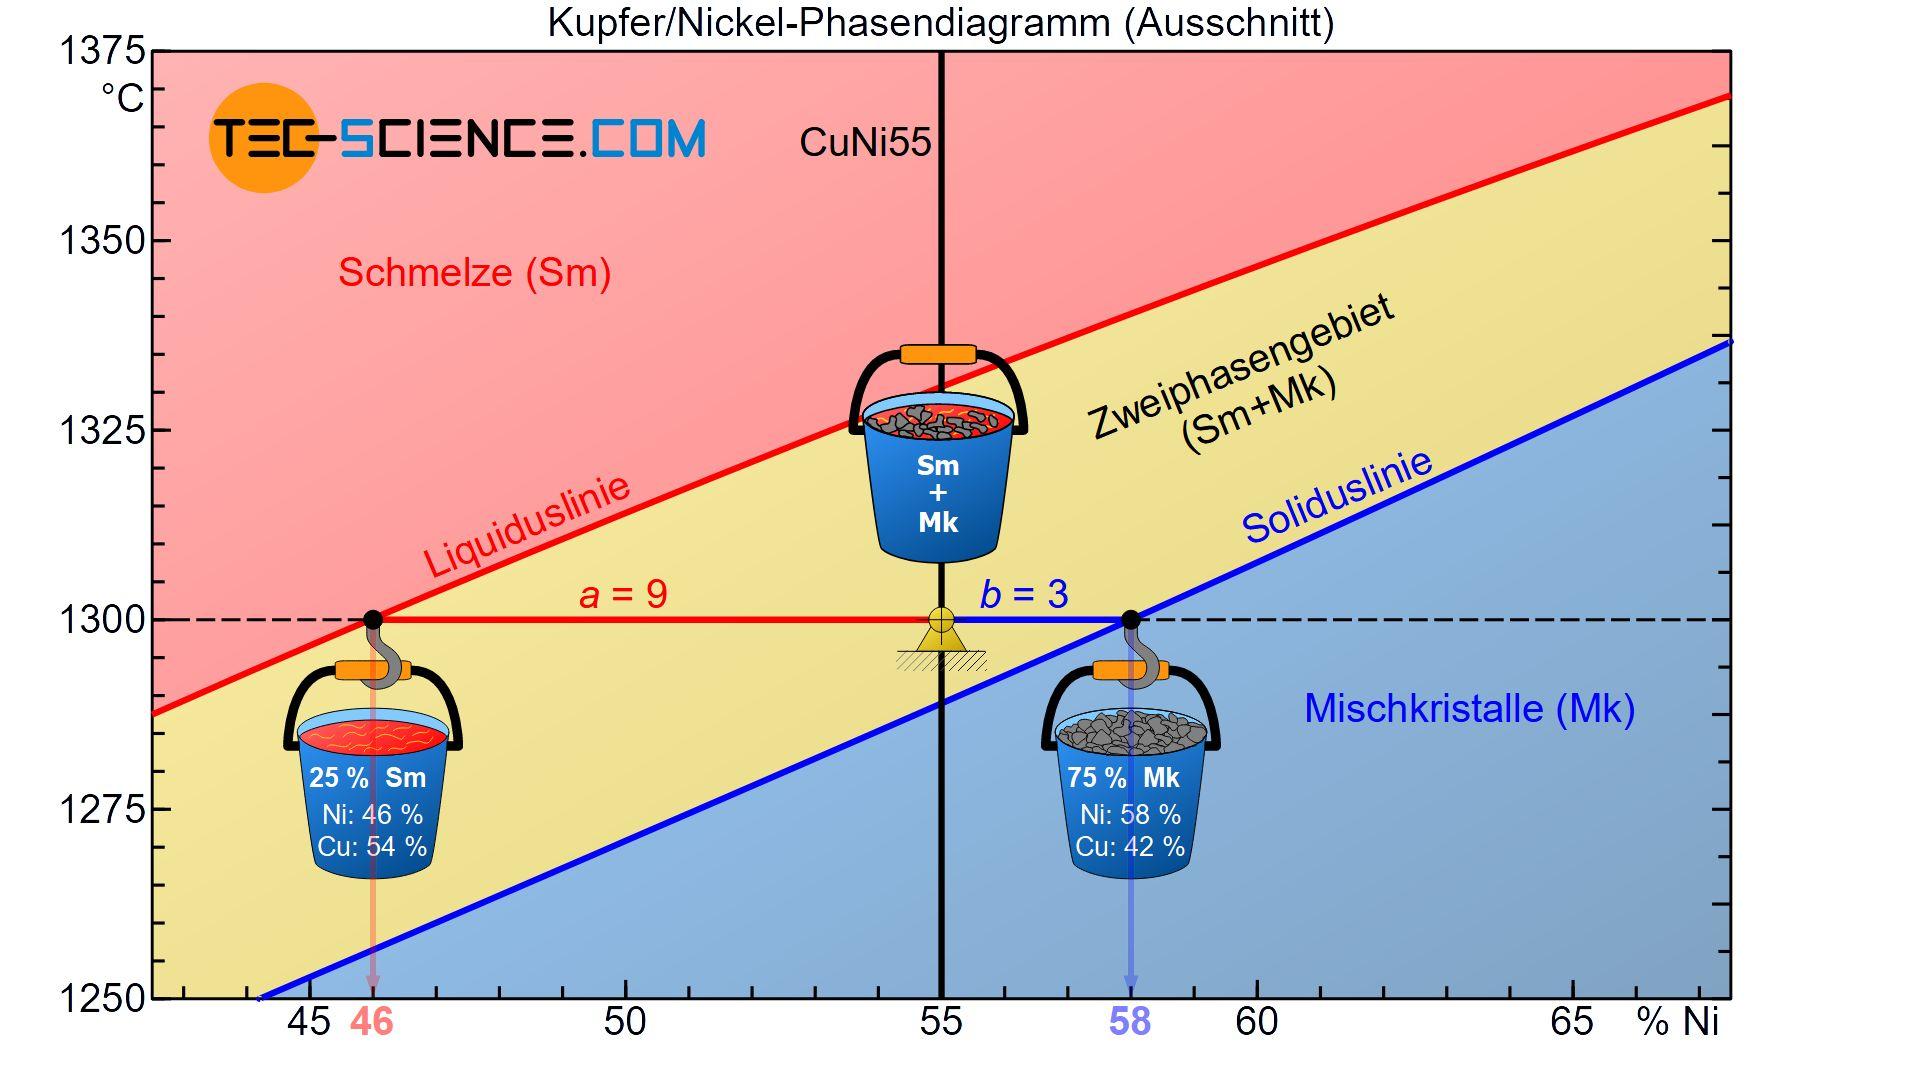 Bestimmung des Phasenanteils im Zweiphasengebiet (Hebelgesetz)